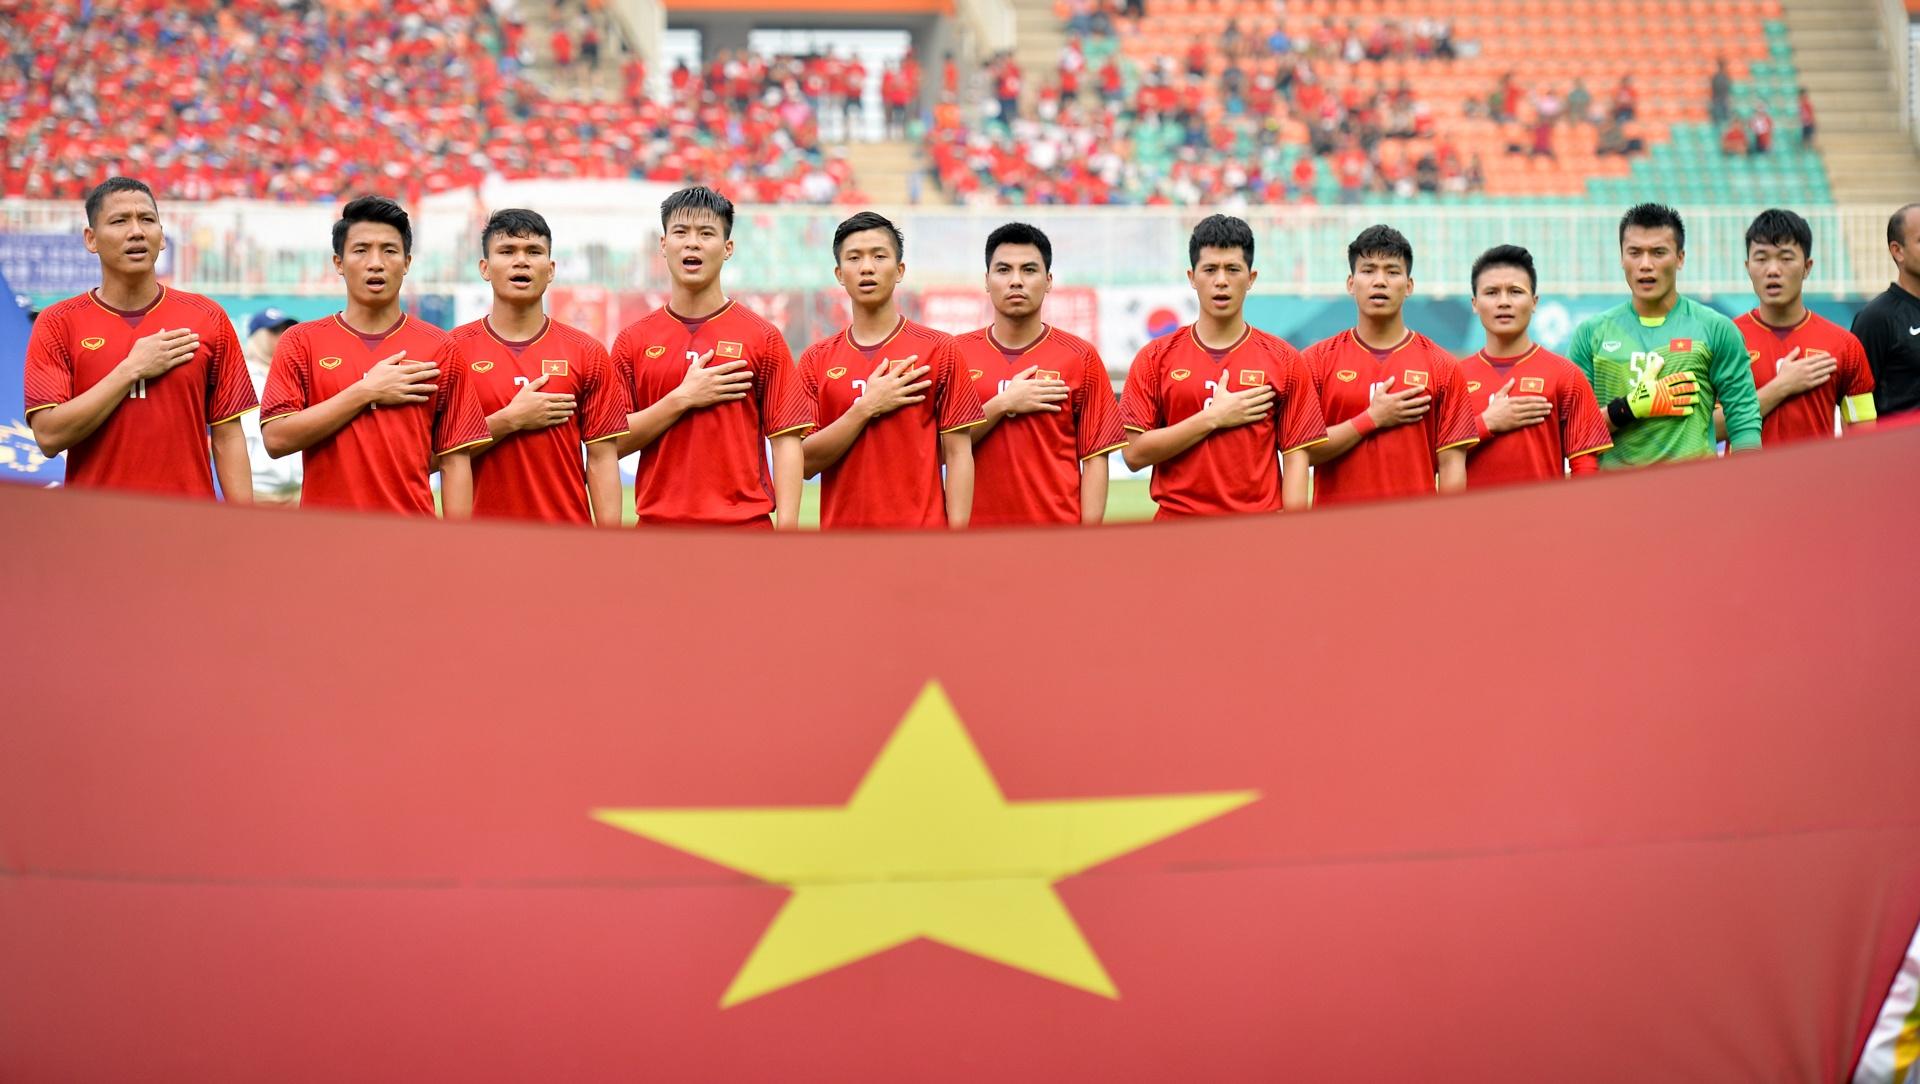 Hanh trinh cua Olympic Viet Nam tai ASIAD anh 9